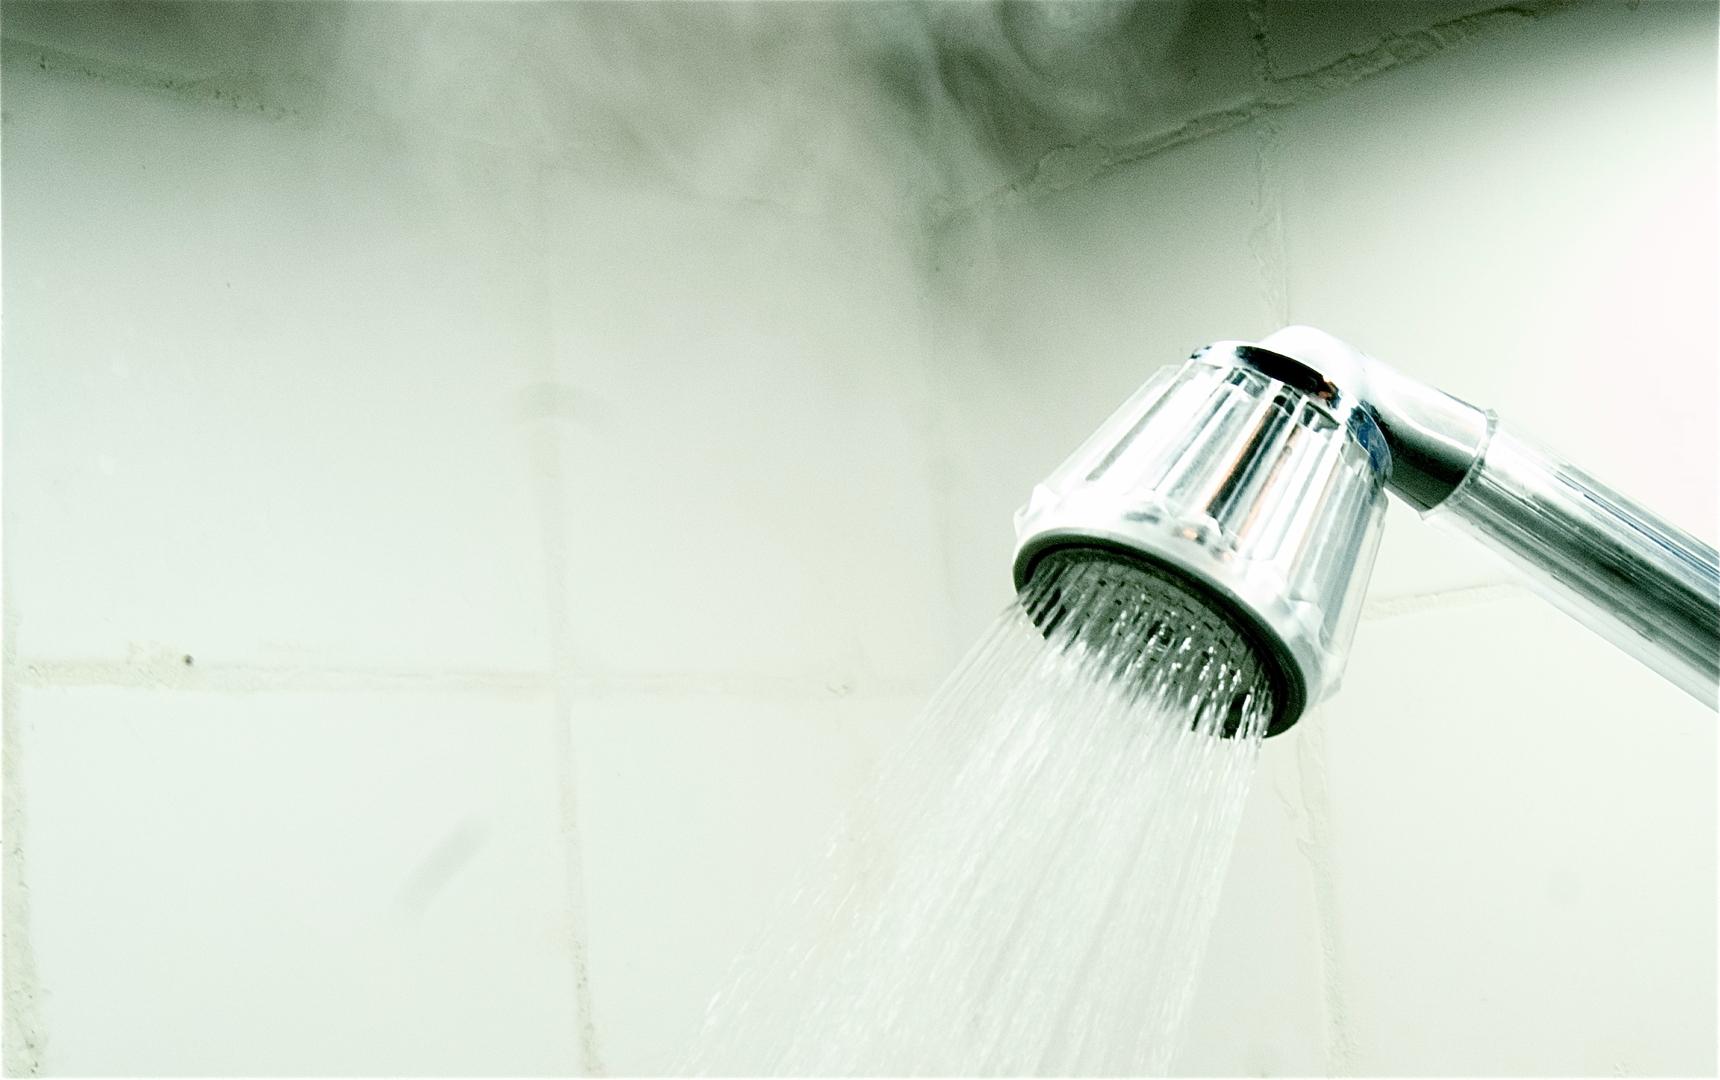 كيفية استحمامك قد تتسبب في ضرر بصحة الدماغ والقلب